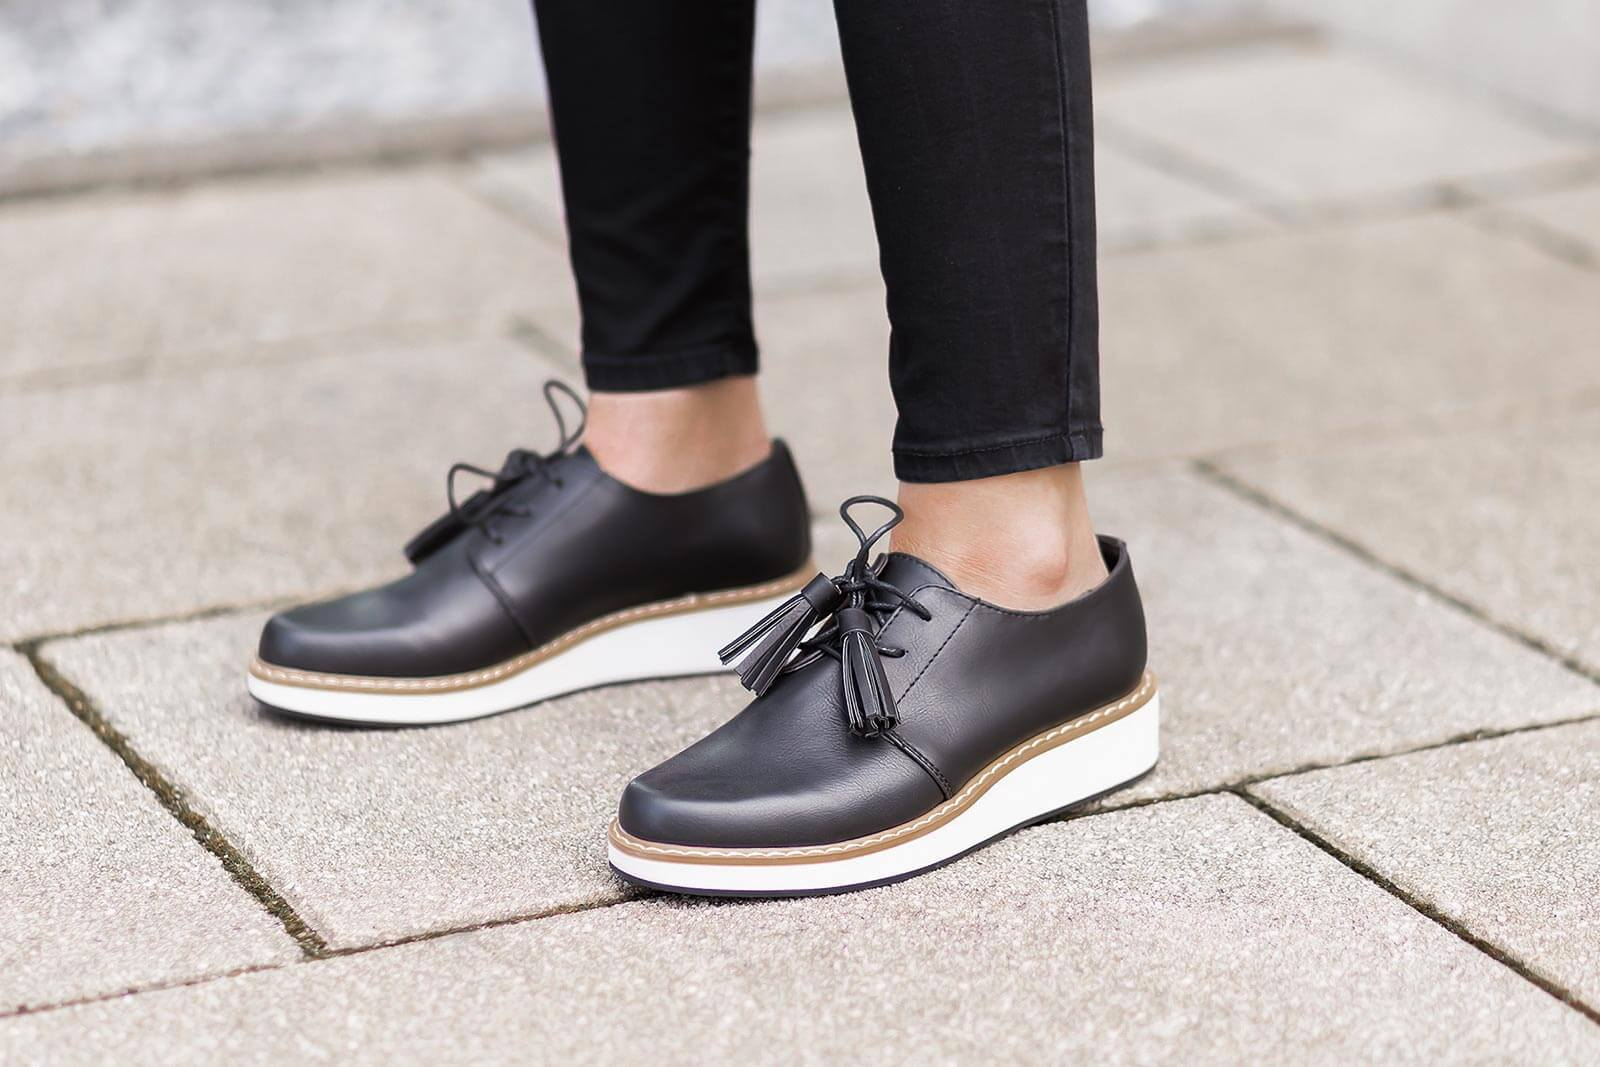 Schuhe für's Büro finden, Business Schuhe, elegante Schnürschuhe, Shoelove by Deichmann